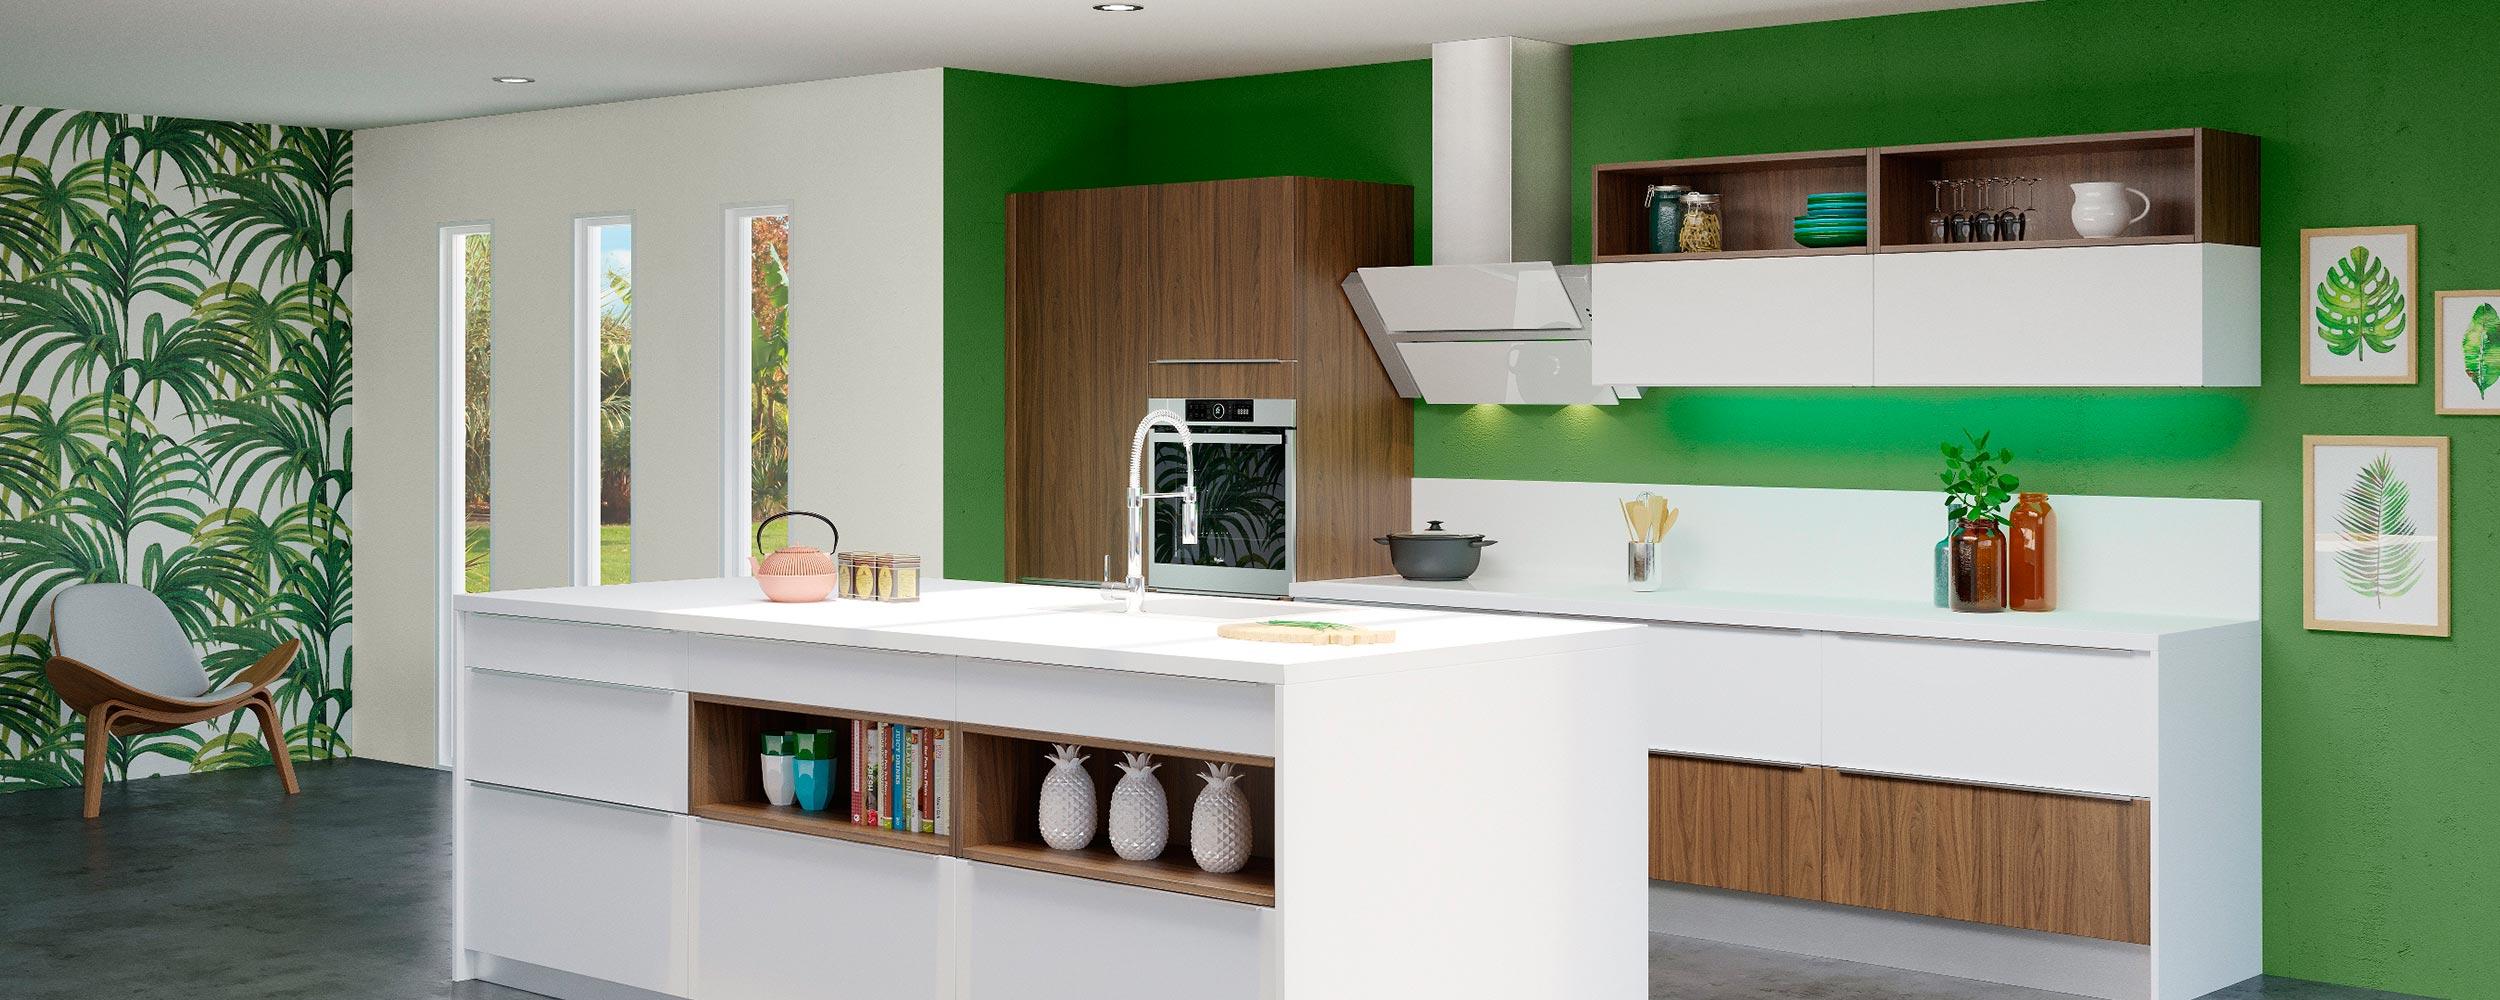 Cuisine modèle tropical / Cottage & Opale blanc